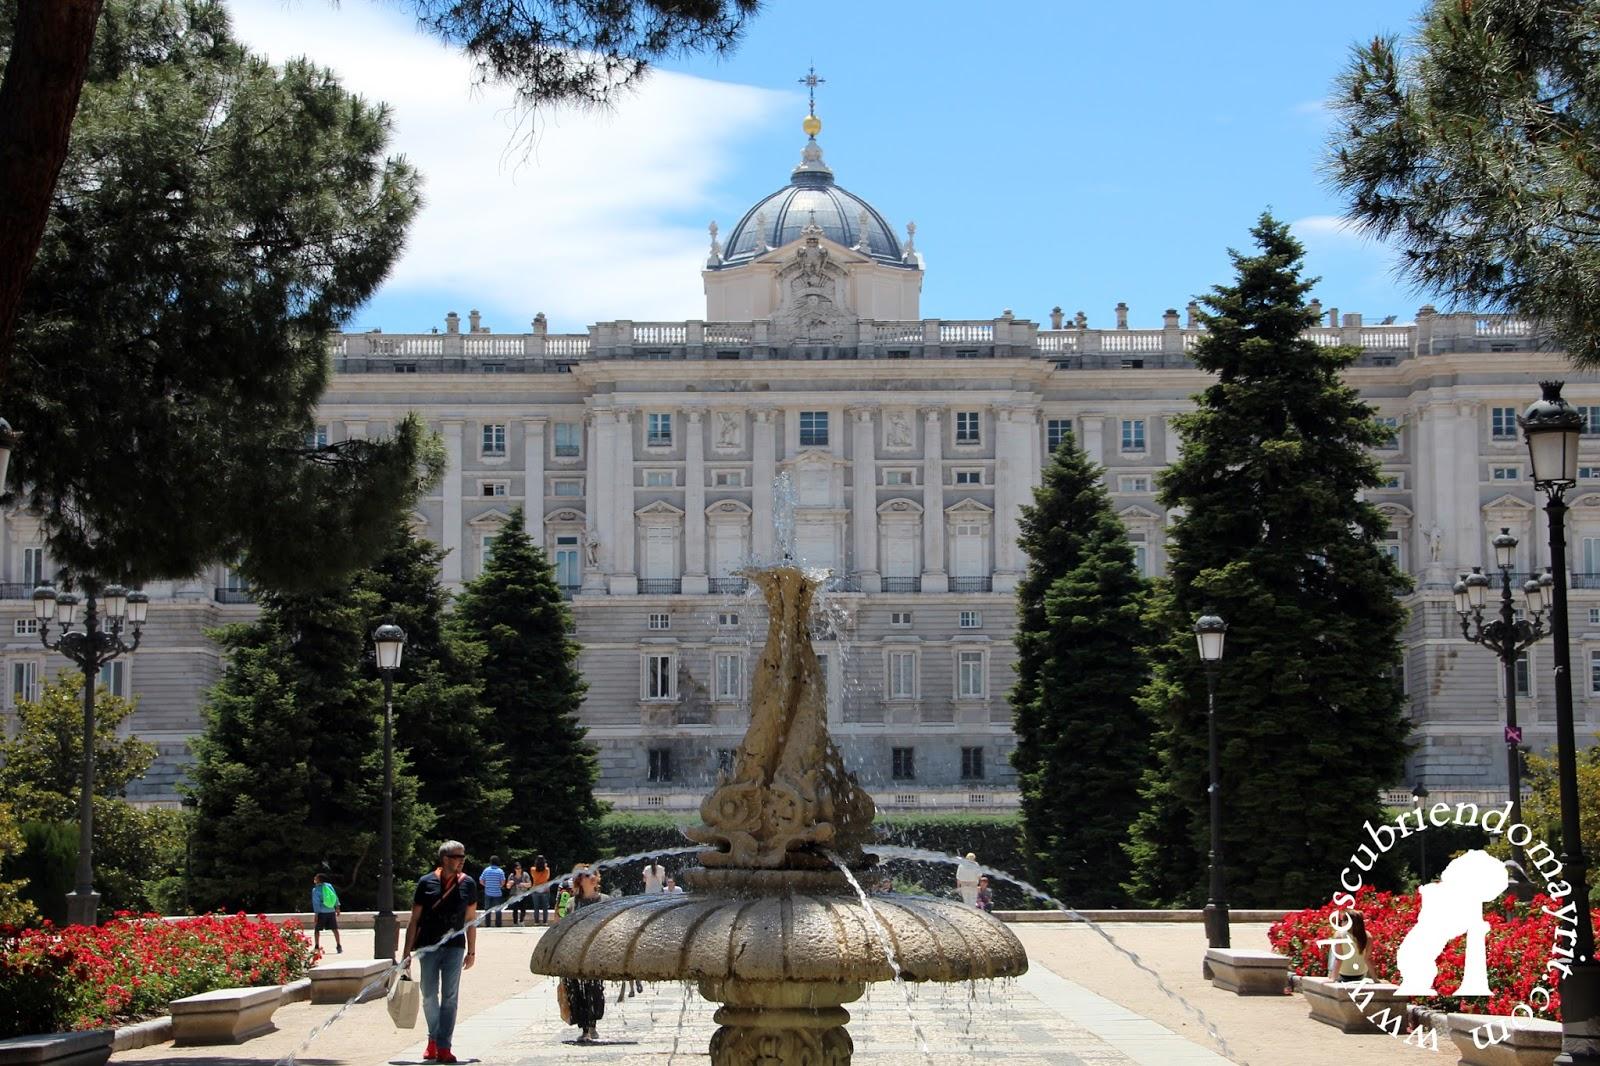 Descubriendo mayrit guia de turismo en madrid jardines for Terraza sabatini madrid